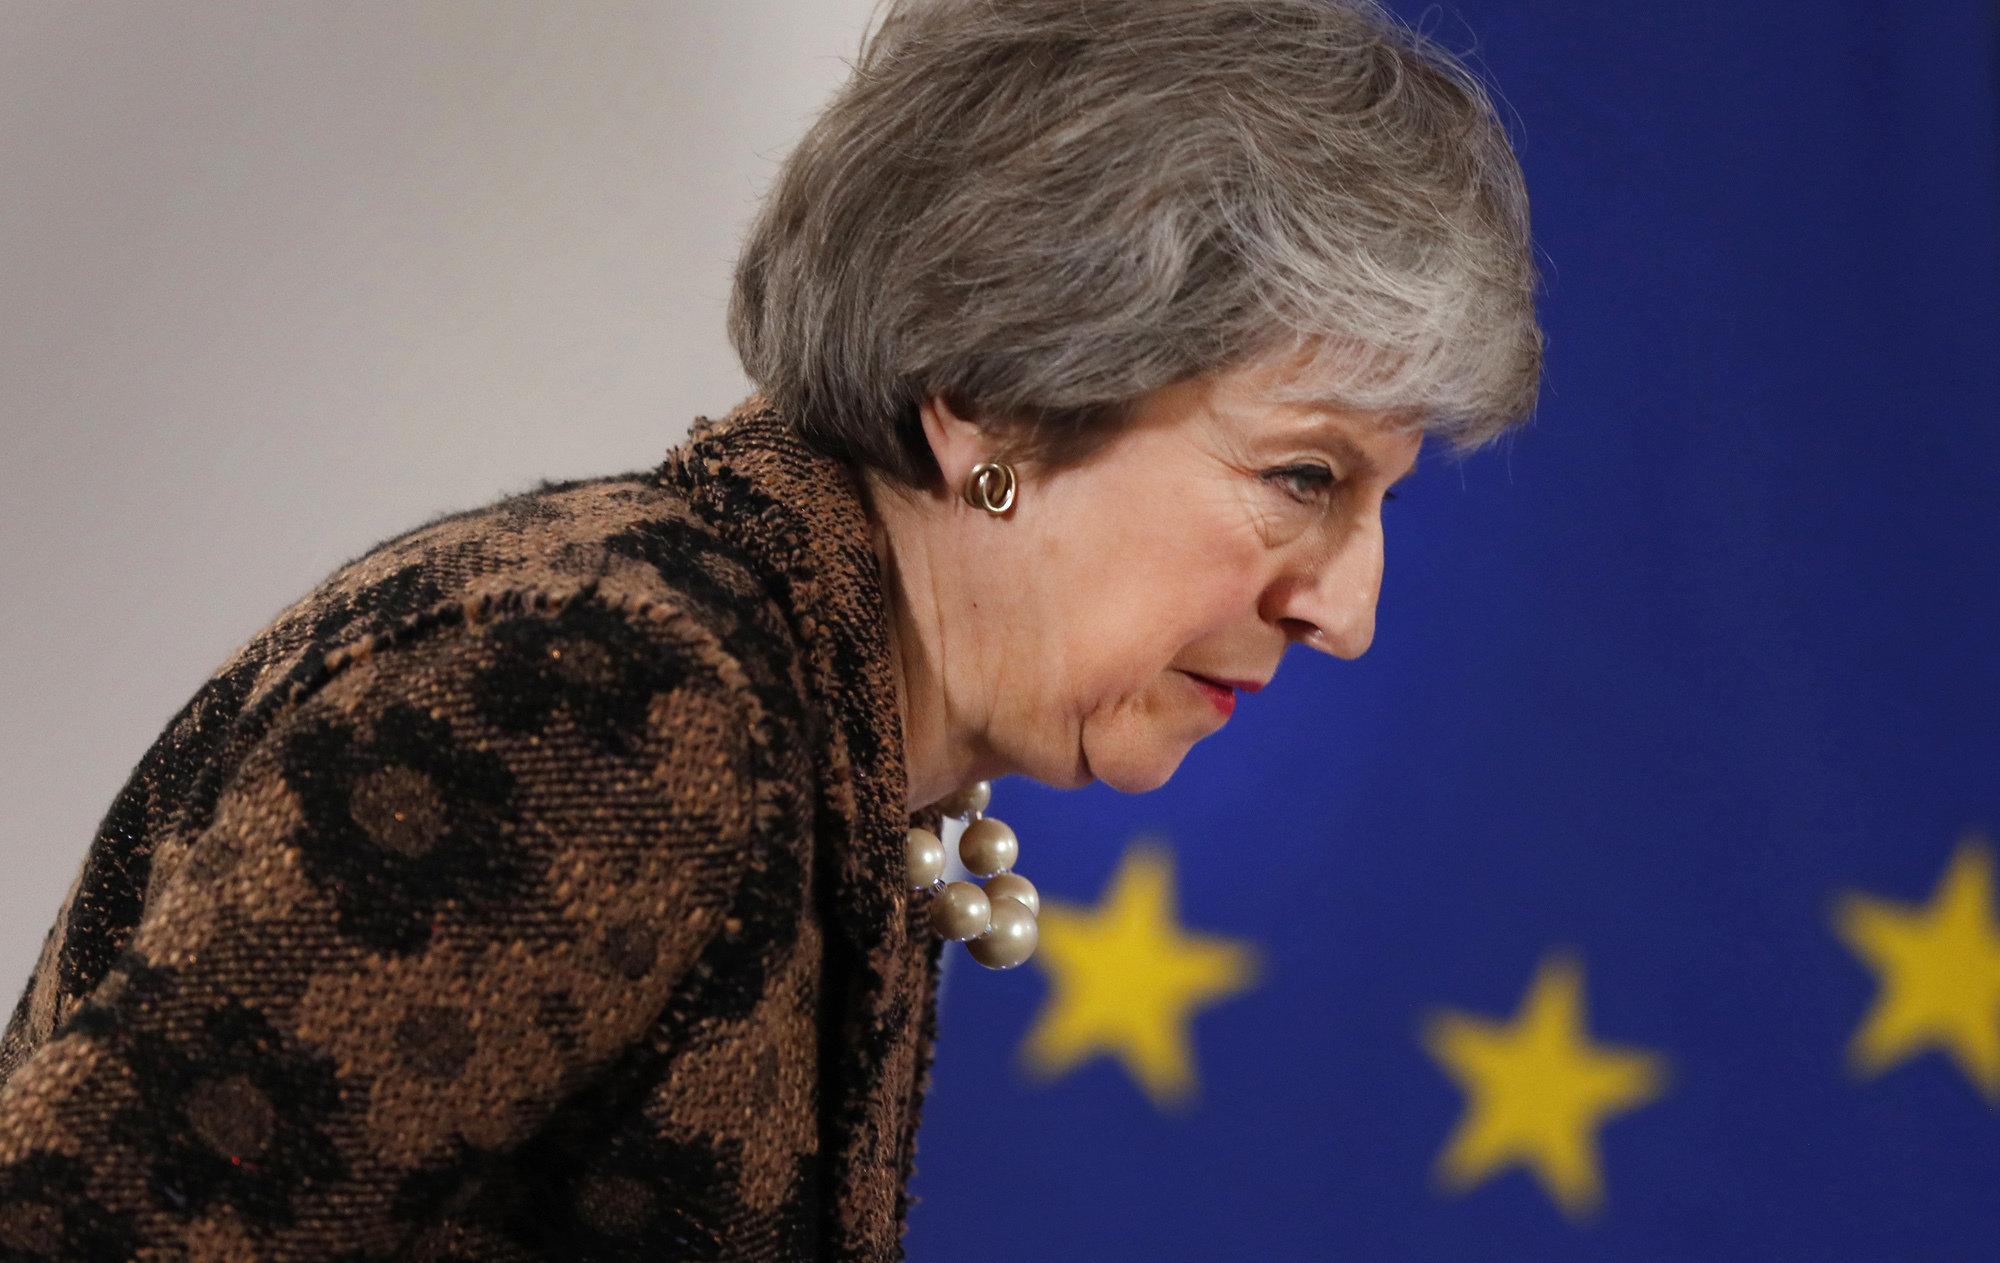 Νόμος του κράτους για τη Μεγάλη Βρετανία η καθυστέρηση του Brexit μέχρι να υπάρξει